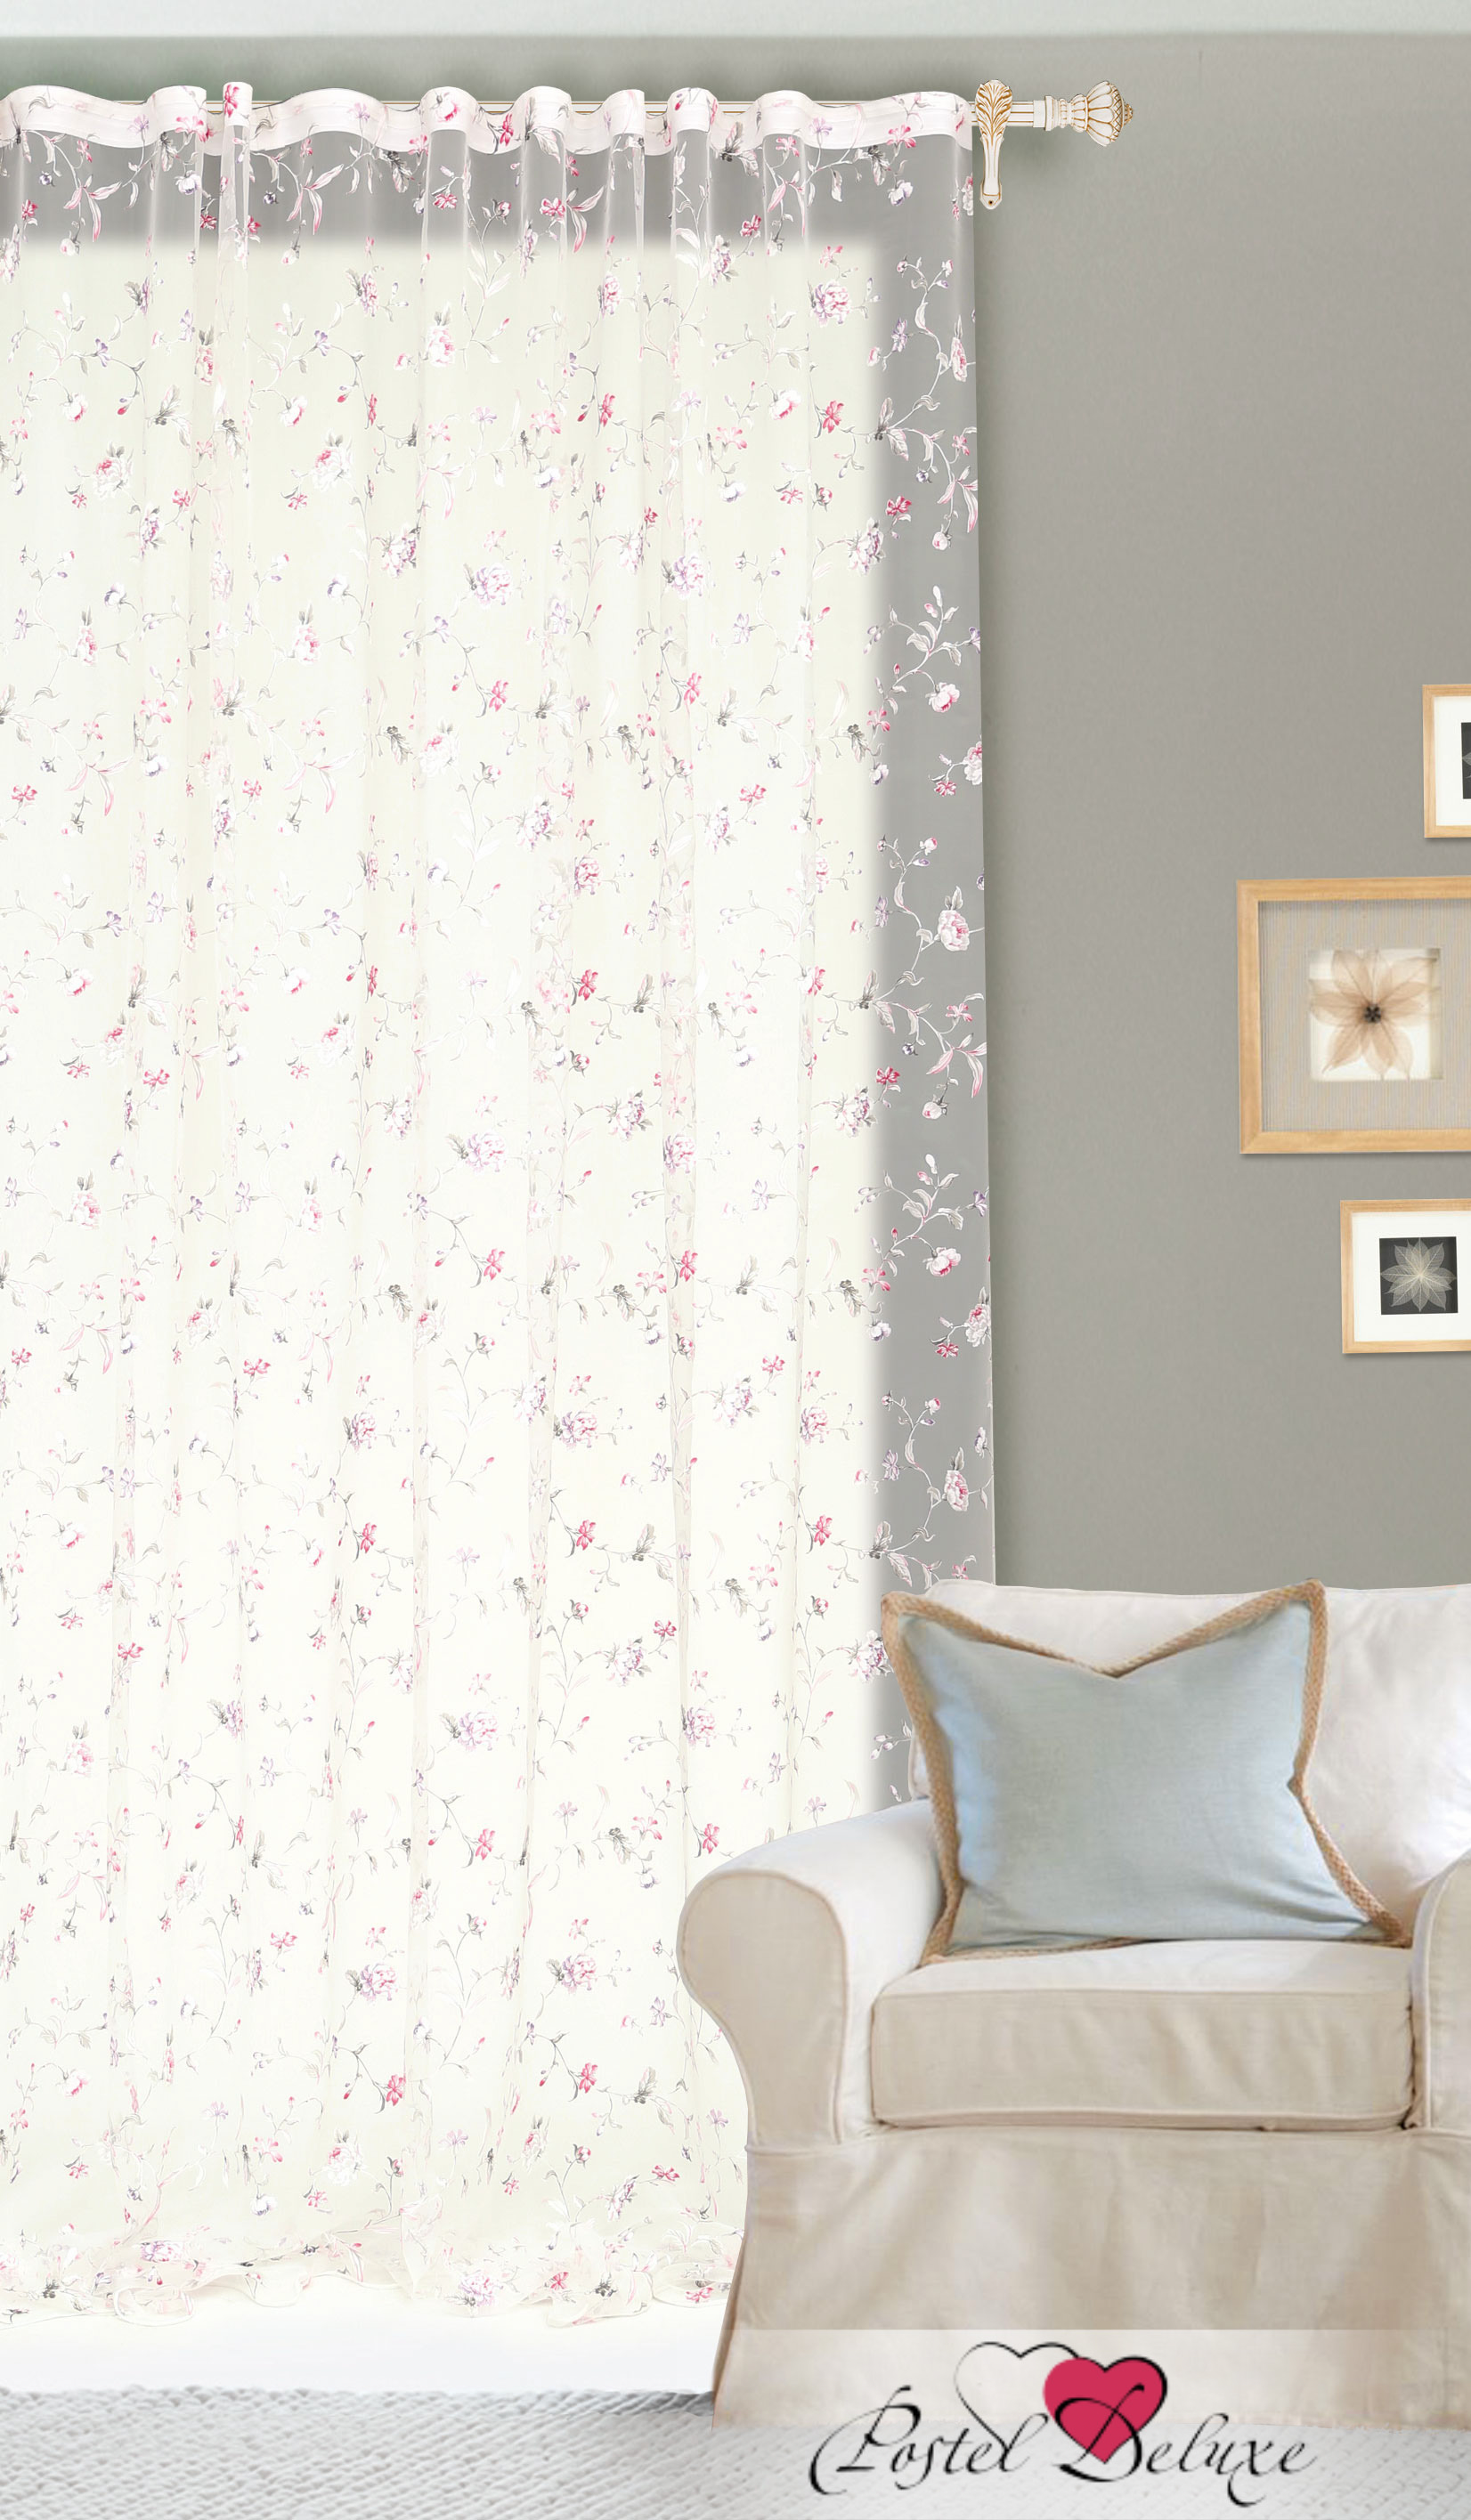 Шторы Garden Классические шторы Полевые Вьюнки Цвет: Розовый garden garden классические шторы полевые вьюнки цвет розовый